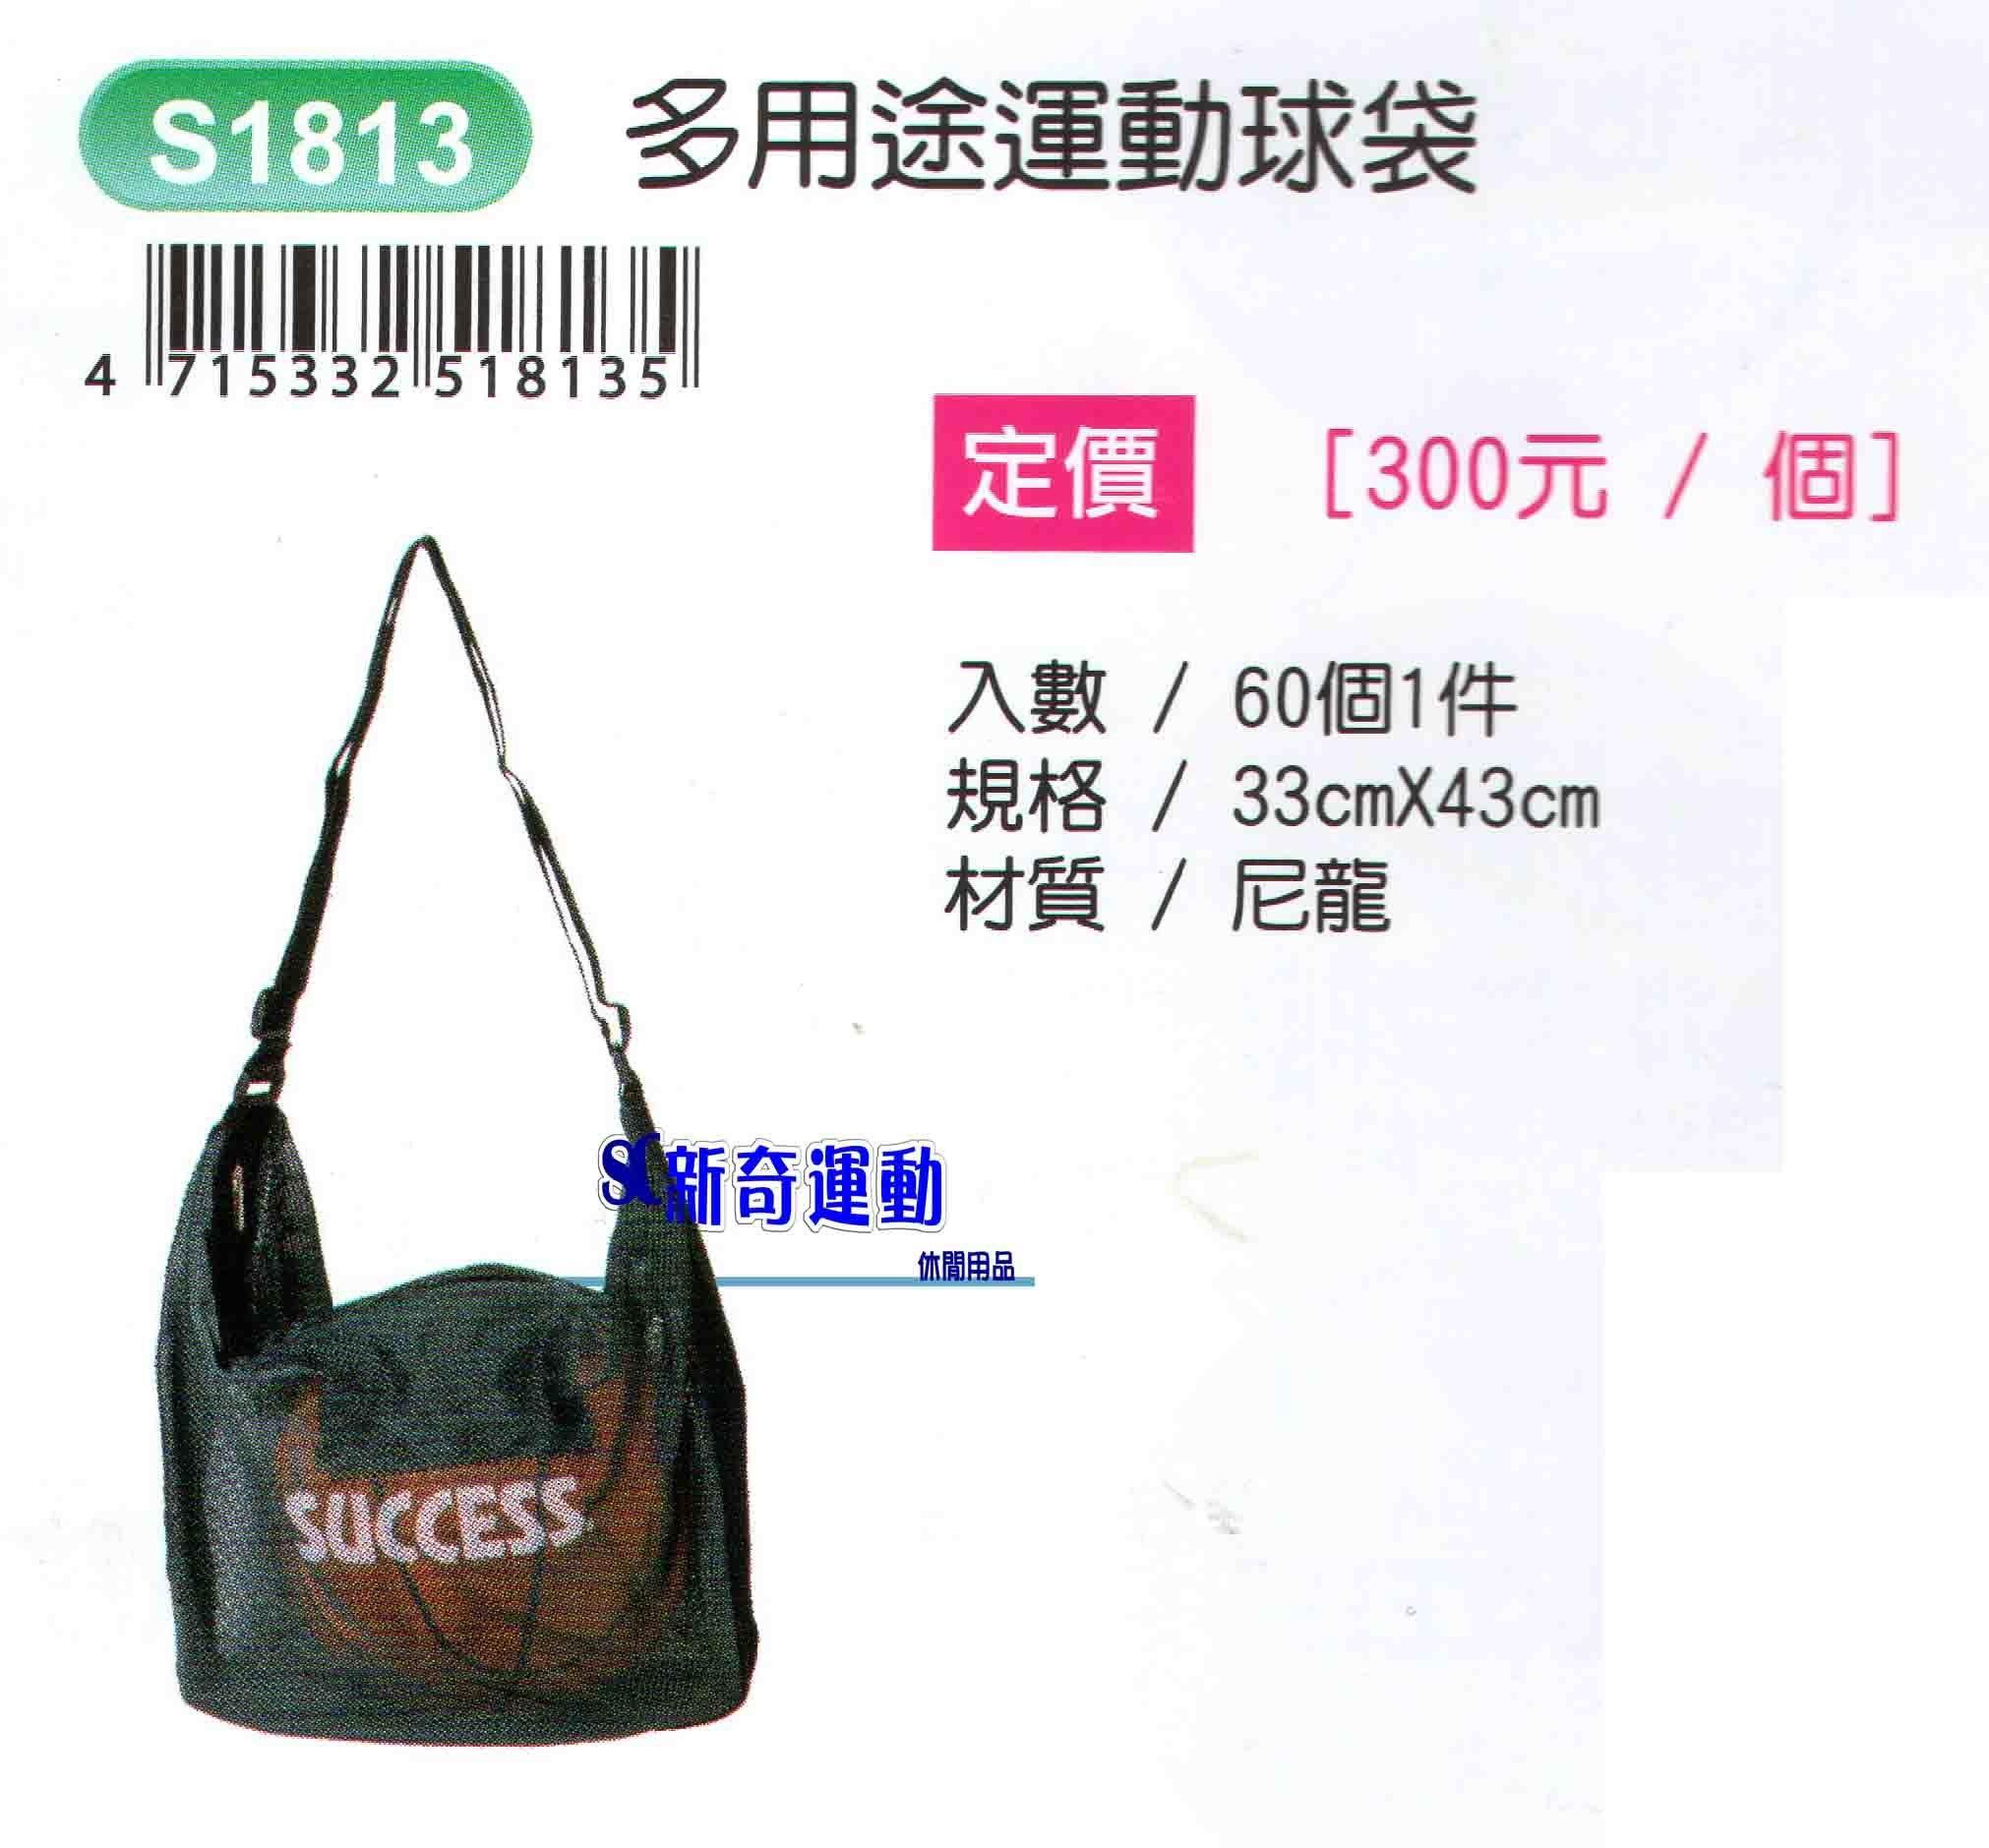 新奇運動用品 SUCCESS 成功 多用途運動球袋 S1813